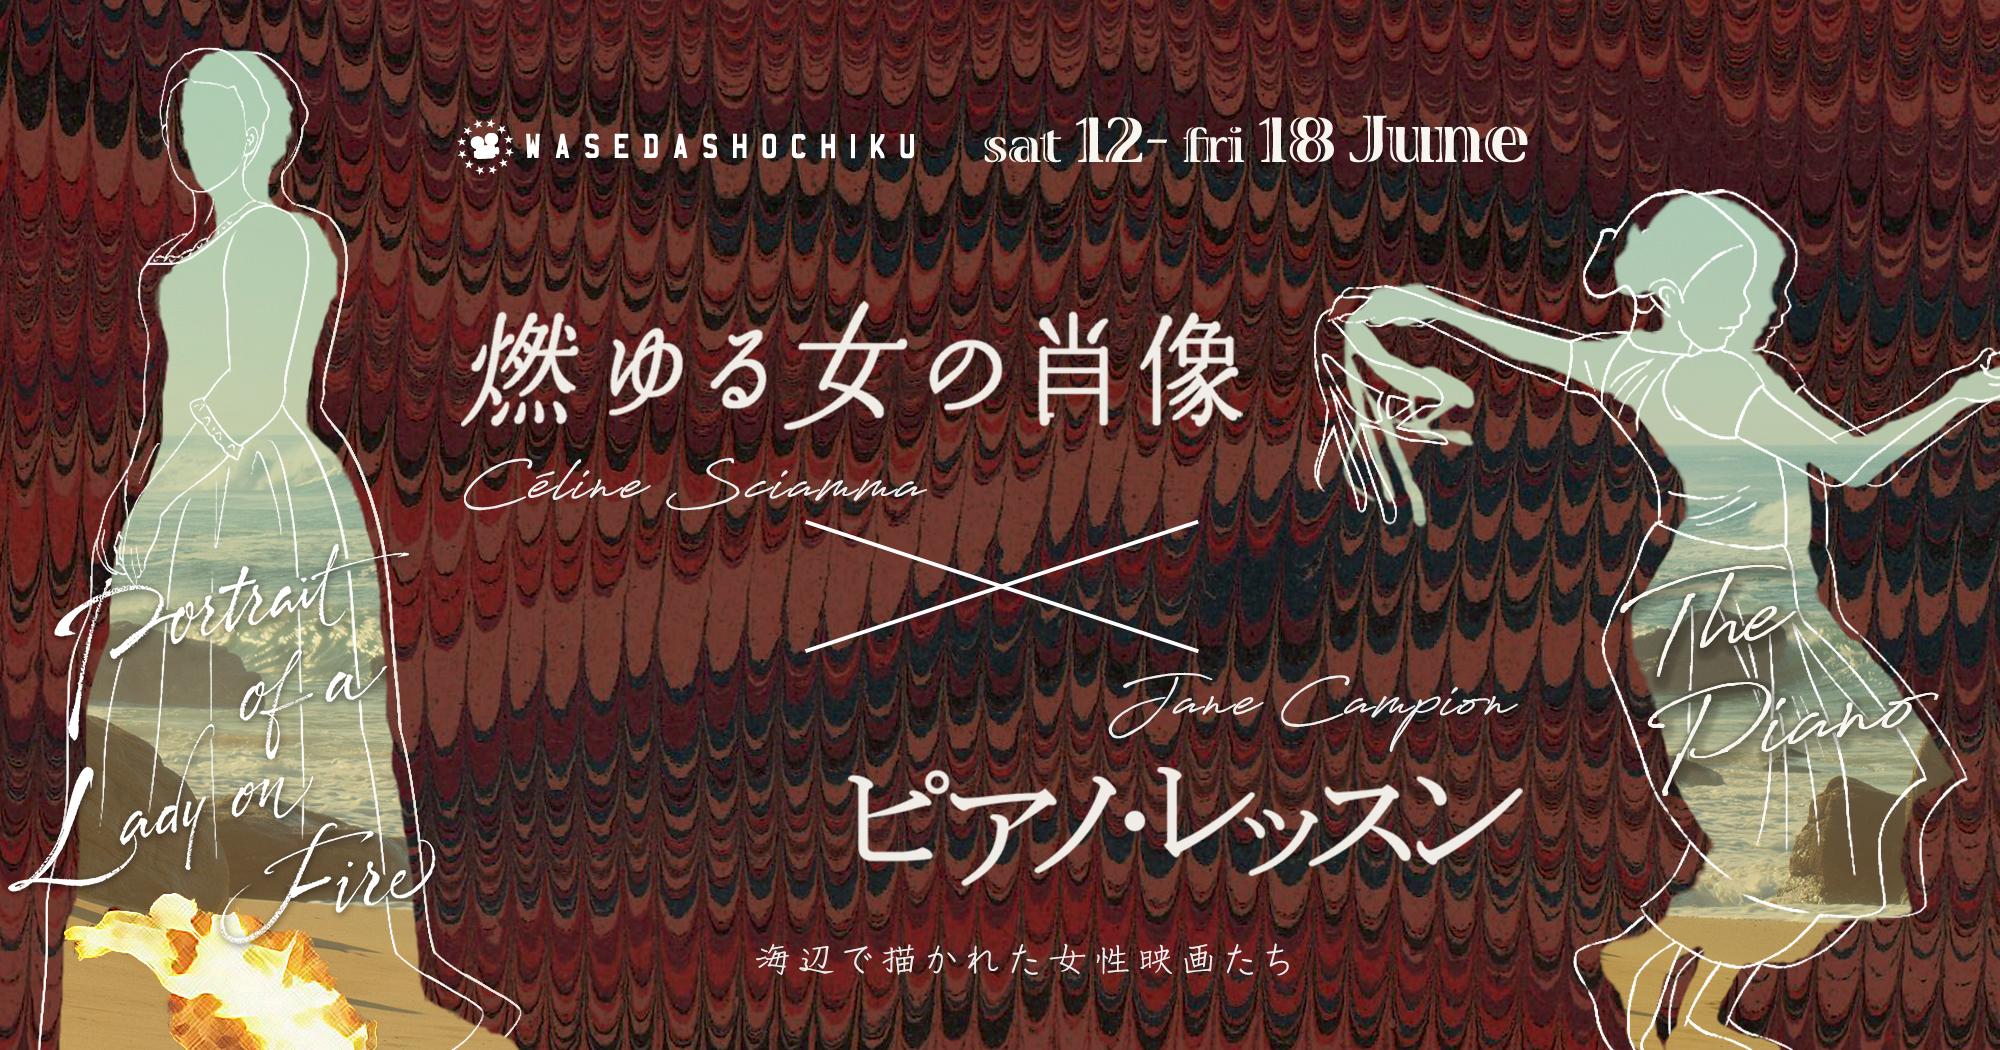 セリーヌ・シアマ×ジェーン・カンピオン 海辺で描かれた女性映画たち